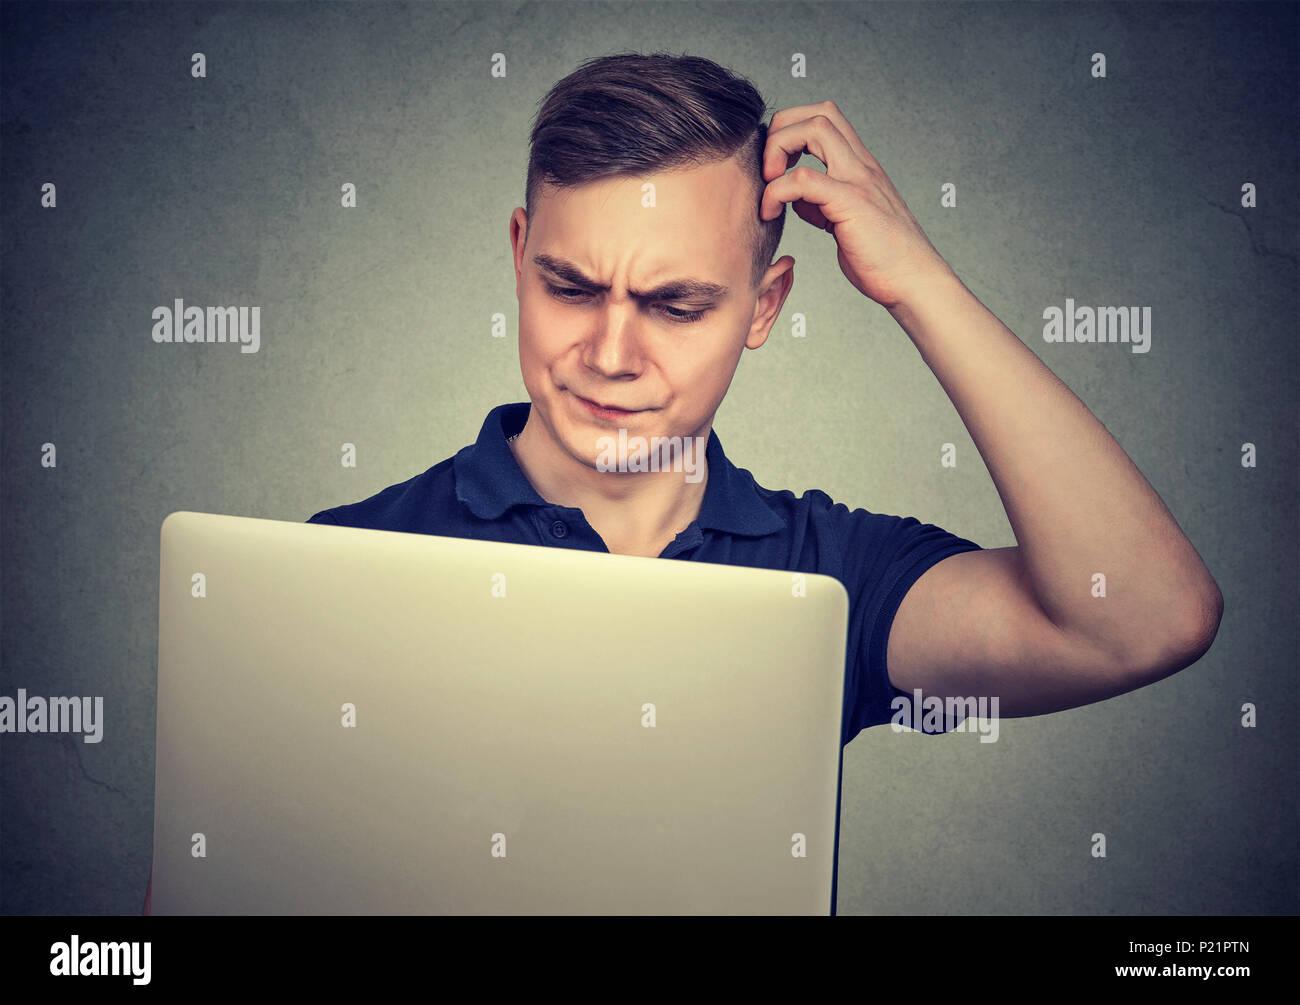 Junge legerer Mann suchen, während mit Laptop Probleme mit Gerät ratlos. Stockbild